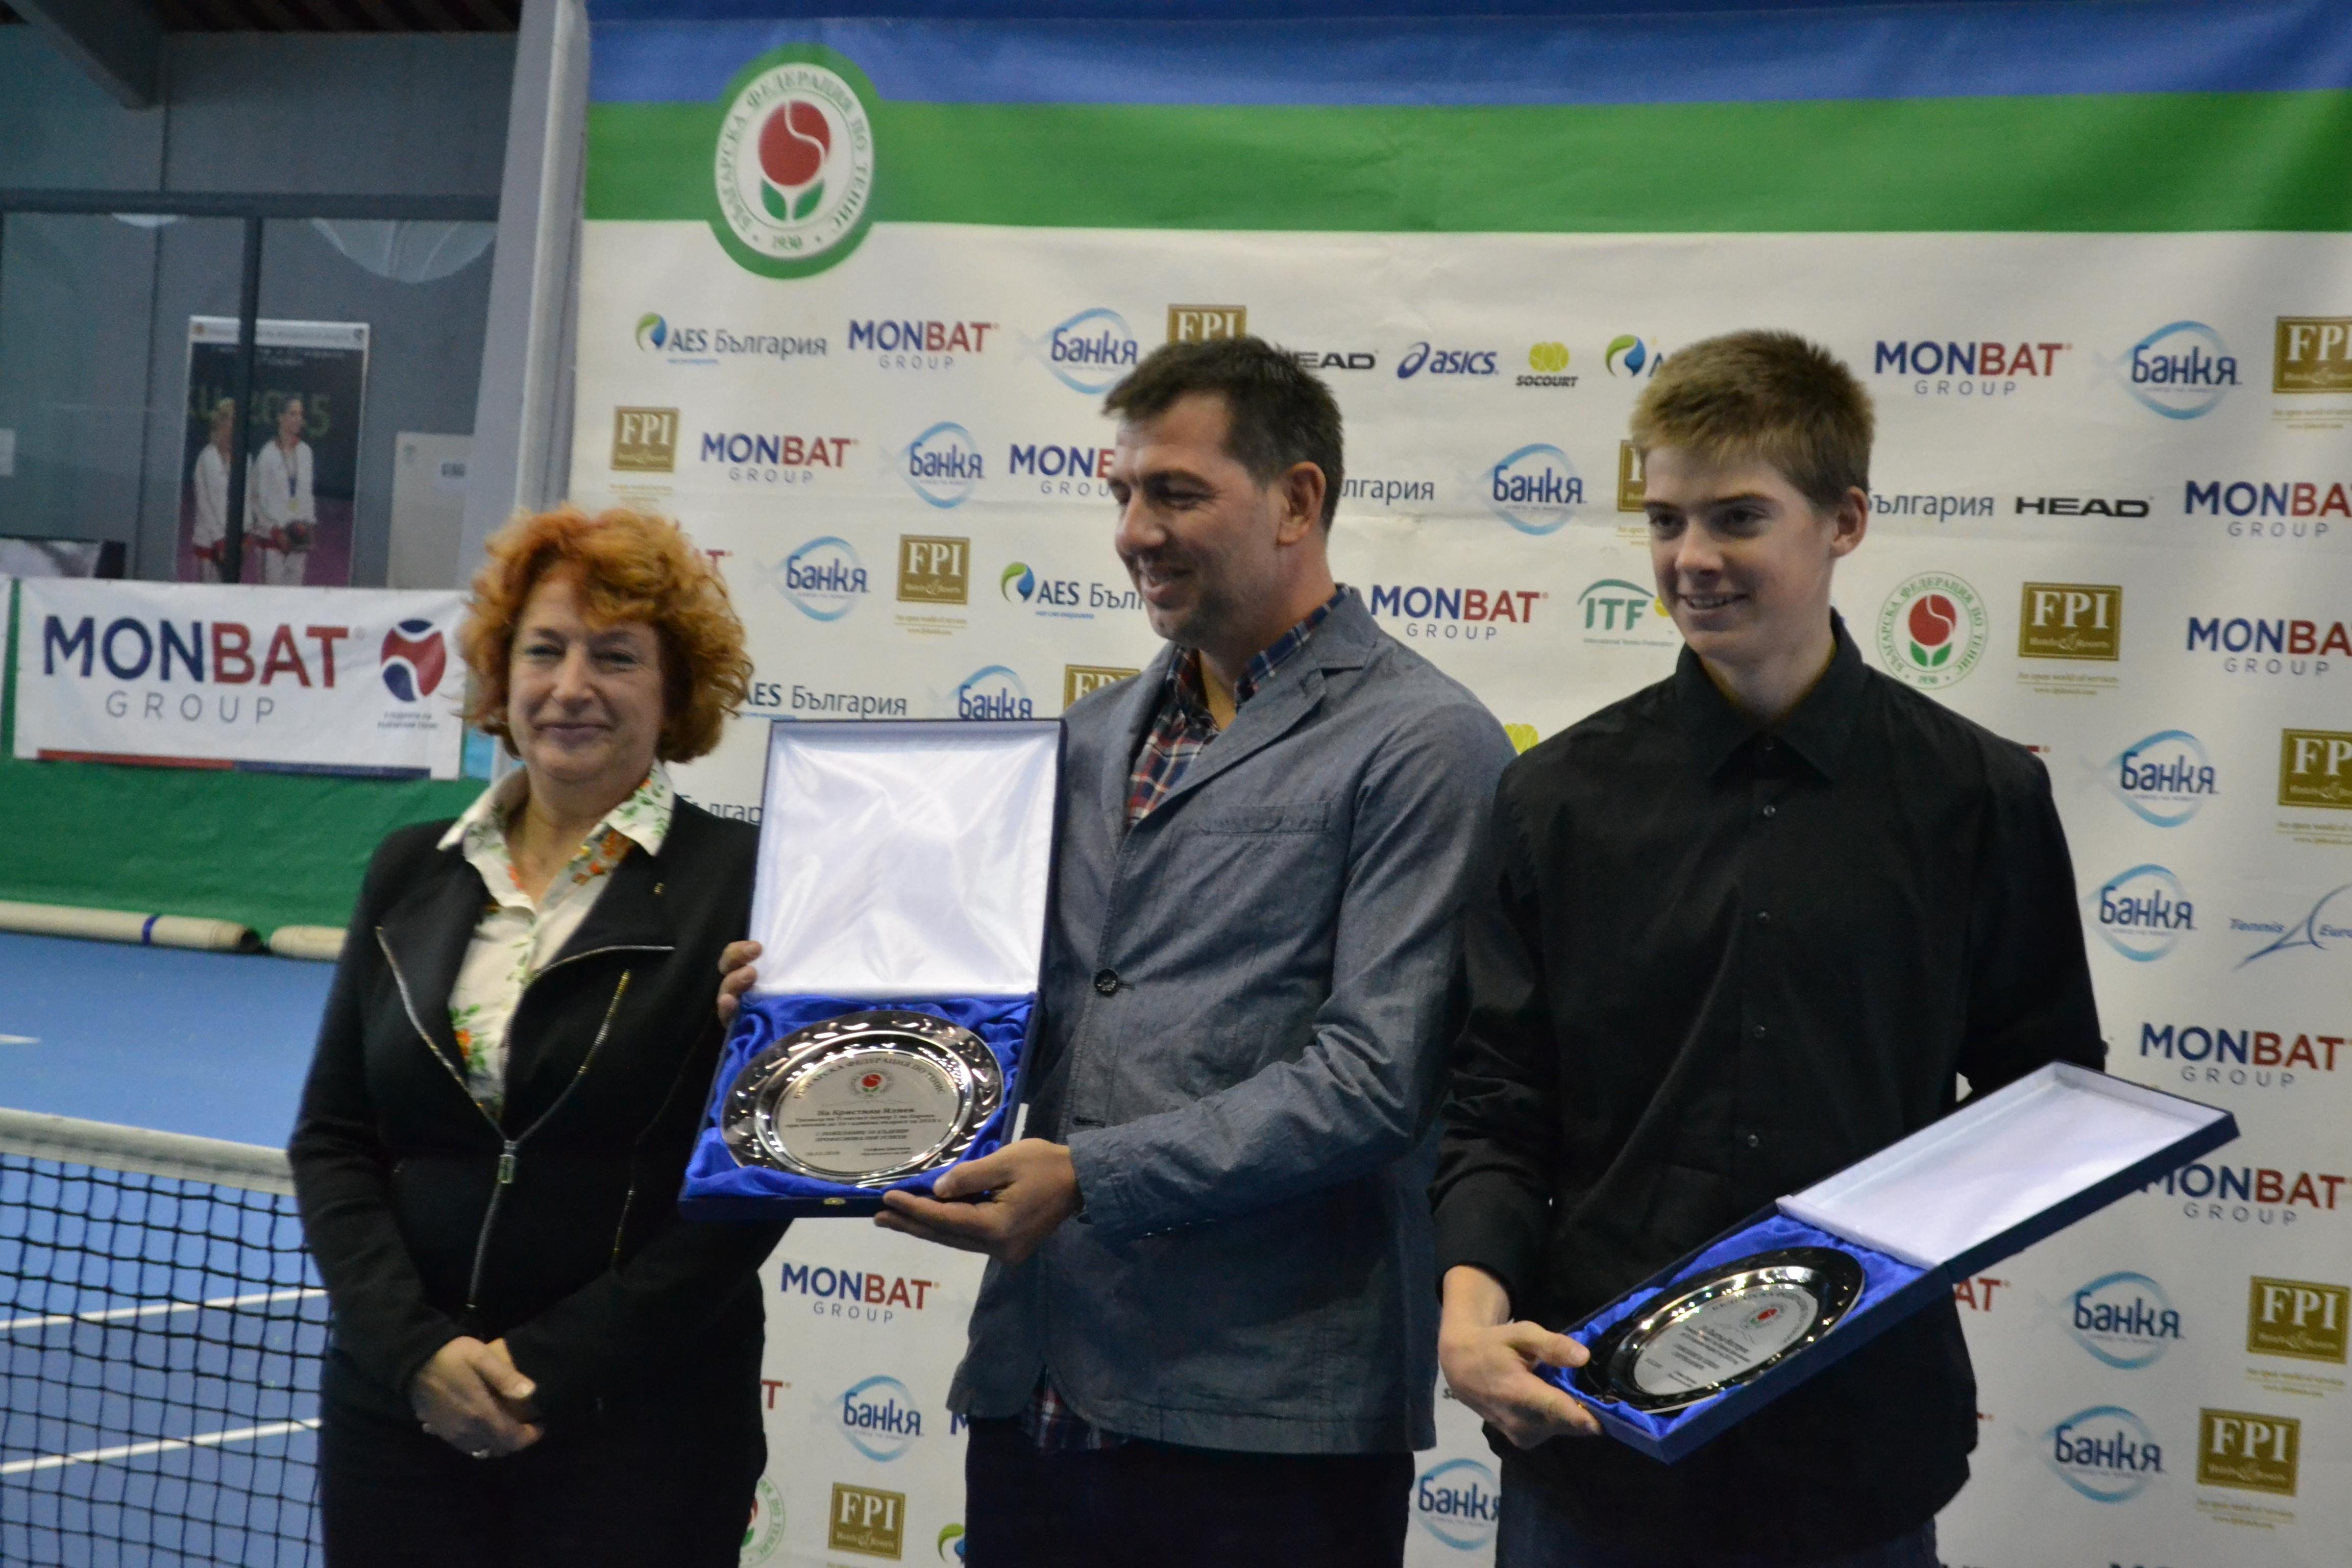 Българската федерация по тенис връчи награда на Пьотр Нестеров за